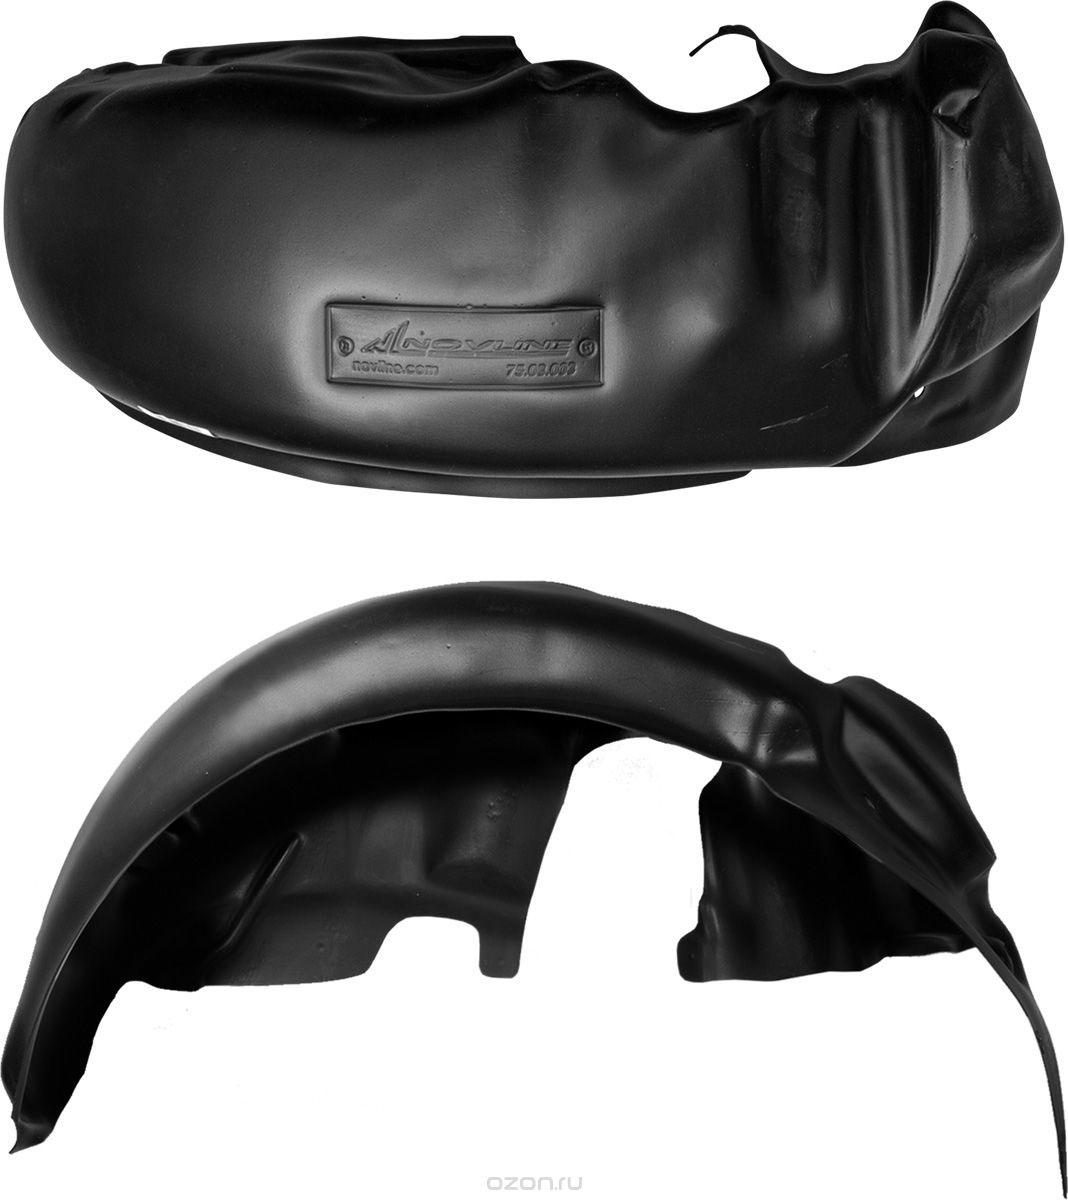 Подкрылок Novline-Autofamily, для Ford Focus 3, 2015->, универсал, задний правыйNLL.16.62.004Идеальная защита колесной ниши. Локеры разработаны с применением цифровых технологий, гарантируют максимальную повторяемость поверхности арки. Изделия устанавливаются без нарушения лакокрасочного покрытия автомобиля, каждый подкрылок комплектуется крепежом. Уважаемые клиенты, обращаем ваше внимание, что фотографии на подкрылки универсальные и не отражают реальную форму изделия. При этом само изделие идет точно под размер указанного автомобиля.